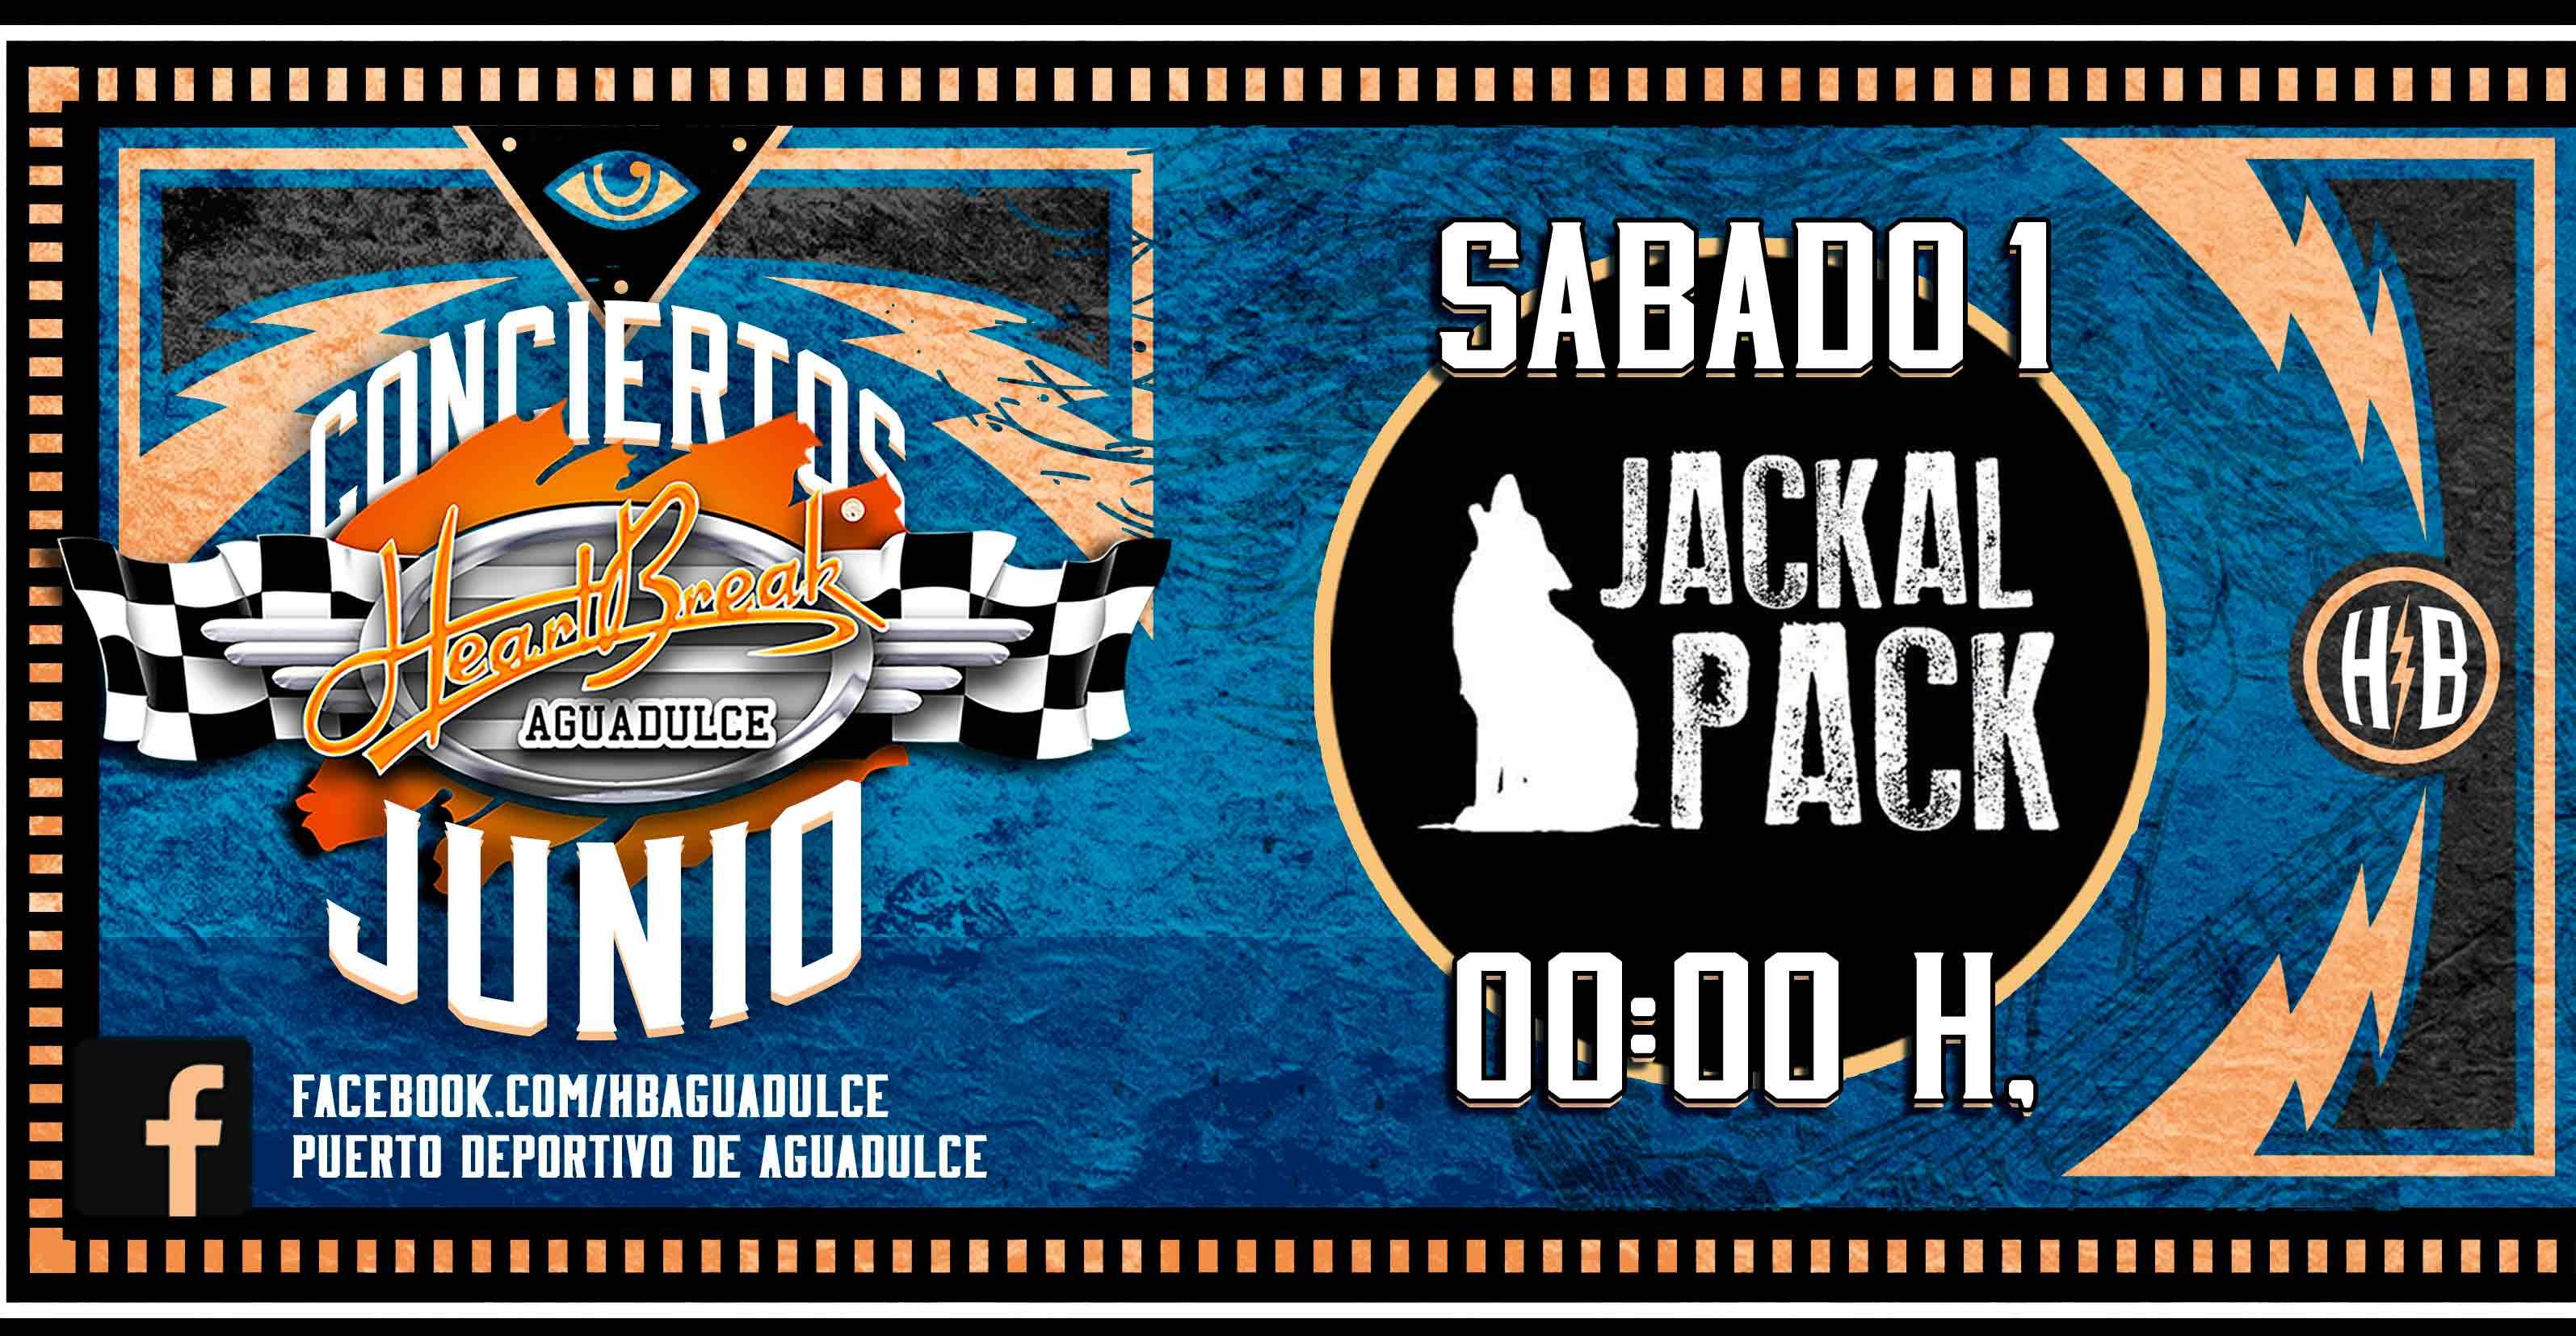 Concierto de Jackal Pack